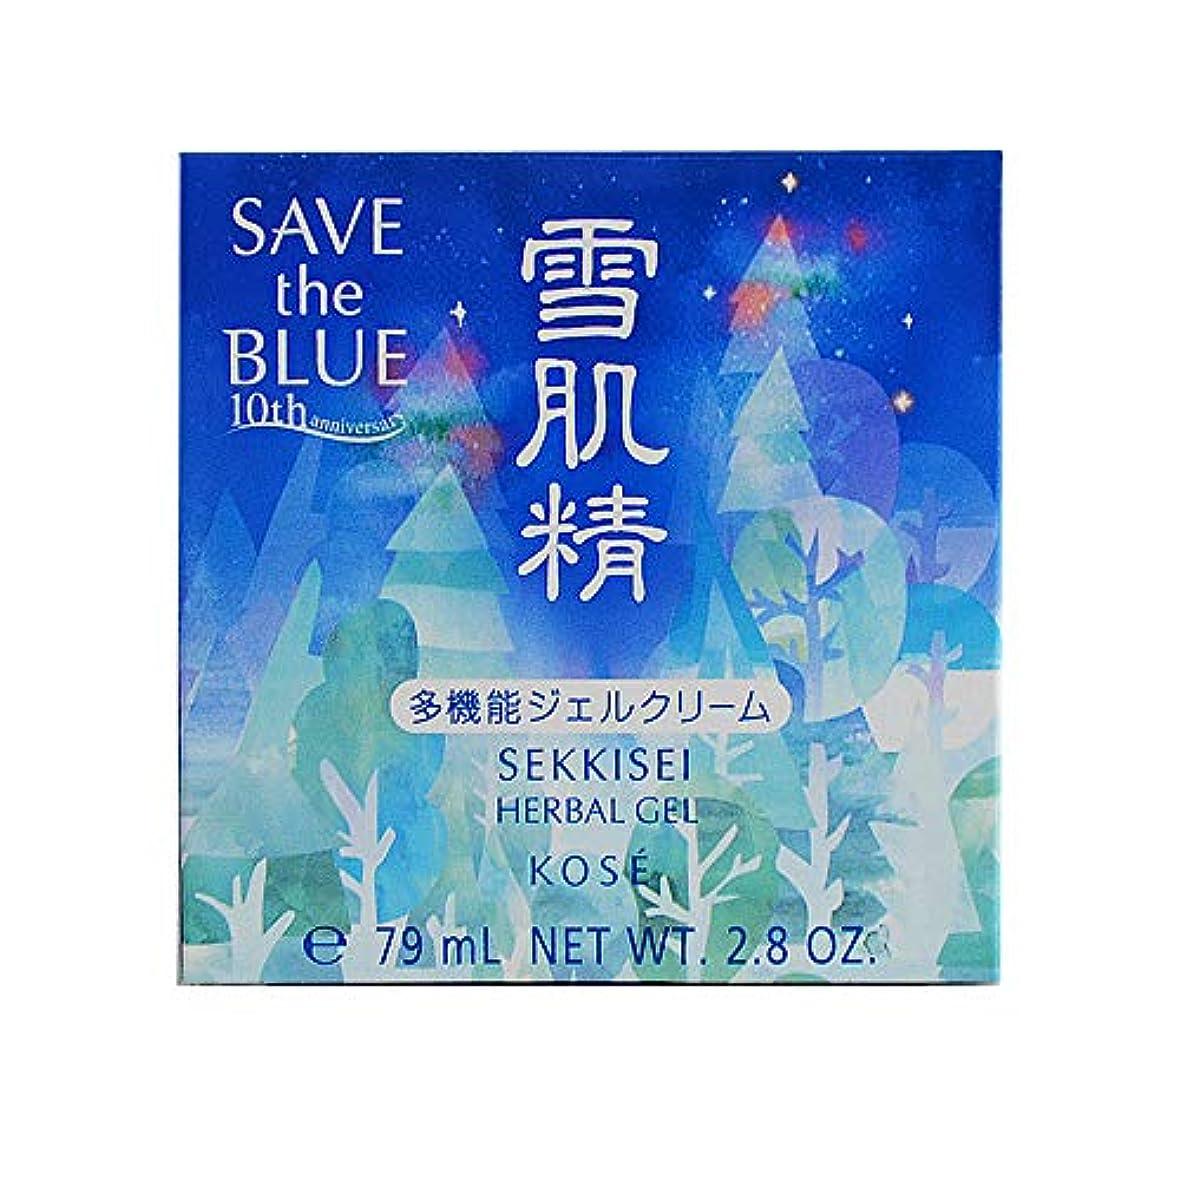 からかう名誉ある太字コーセー 雪肌精 ハーバルジェル 80g (SAVE the BLUE) [ フェイスクリーム ] [並行輸入品]